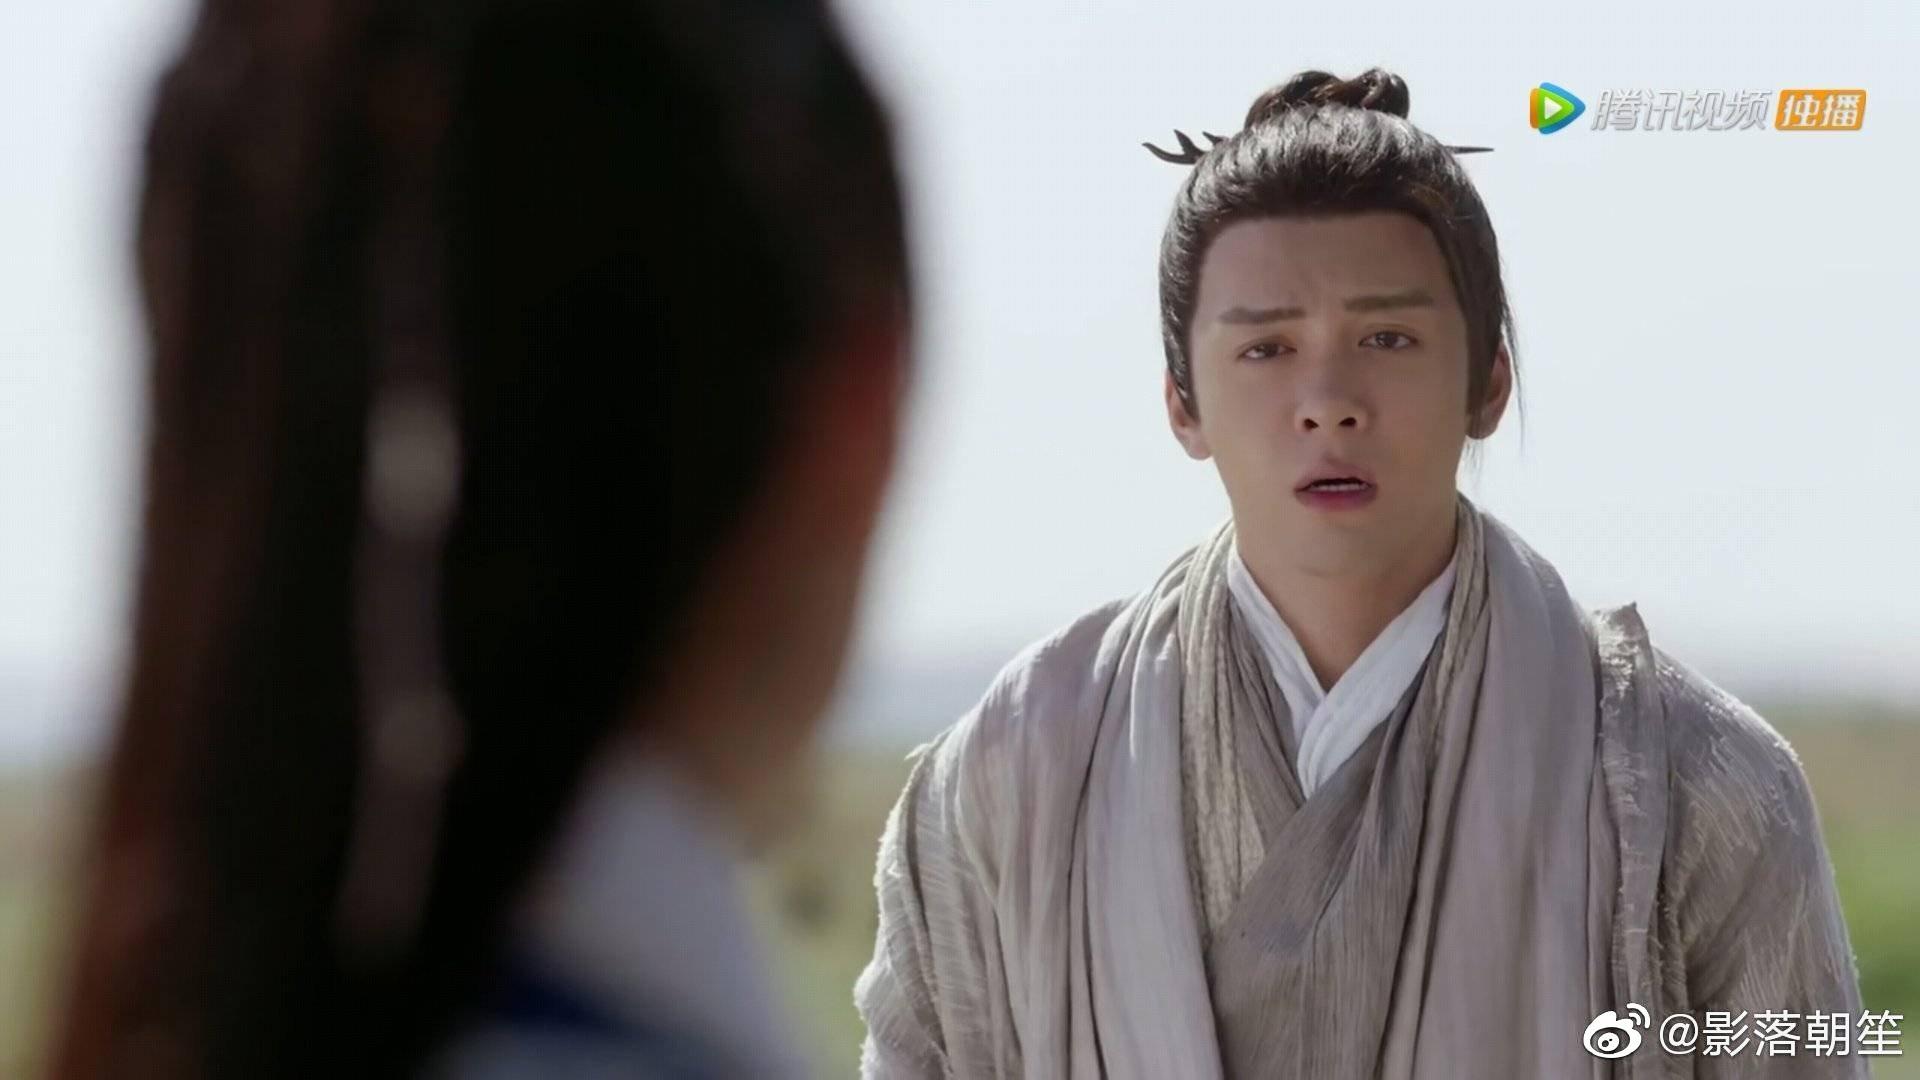 Thảm hoạ tập cuối Tân Ỷ Thiên Đồ Long Ký, netizen phẫn nộ: Biên kịch là mẹ đẻ Chu Chỉ Nhược đúng không? - Ảnh 13.